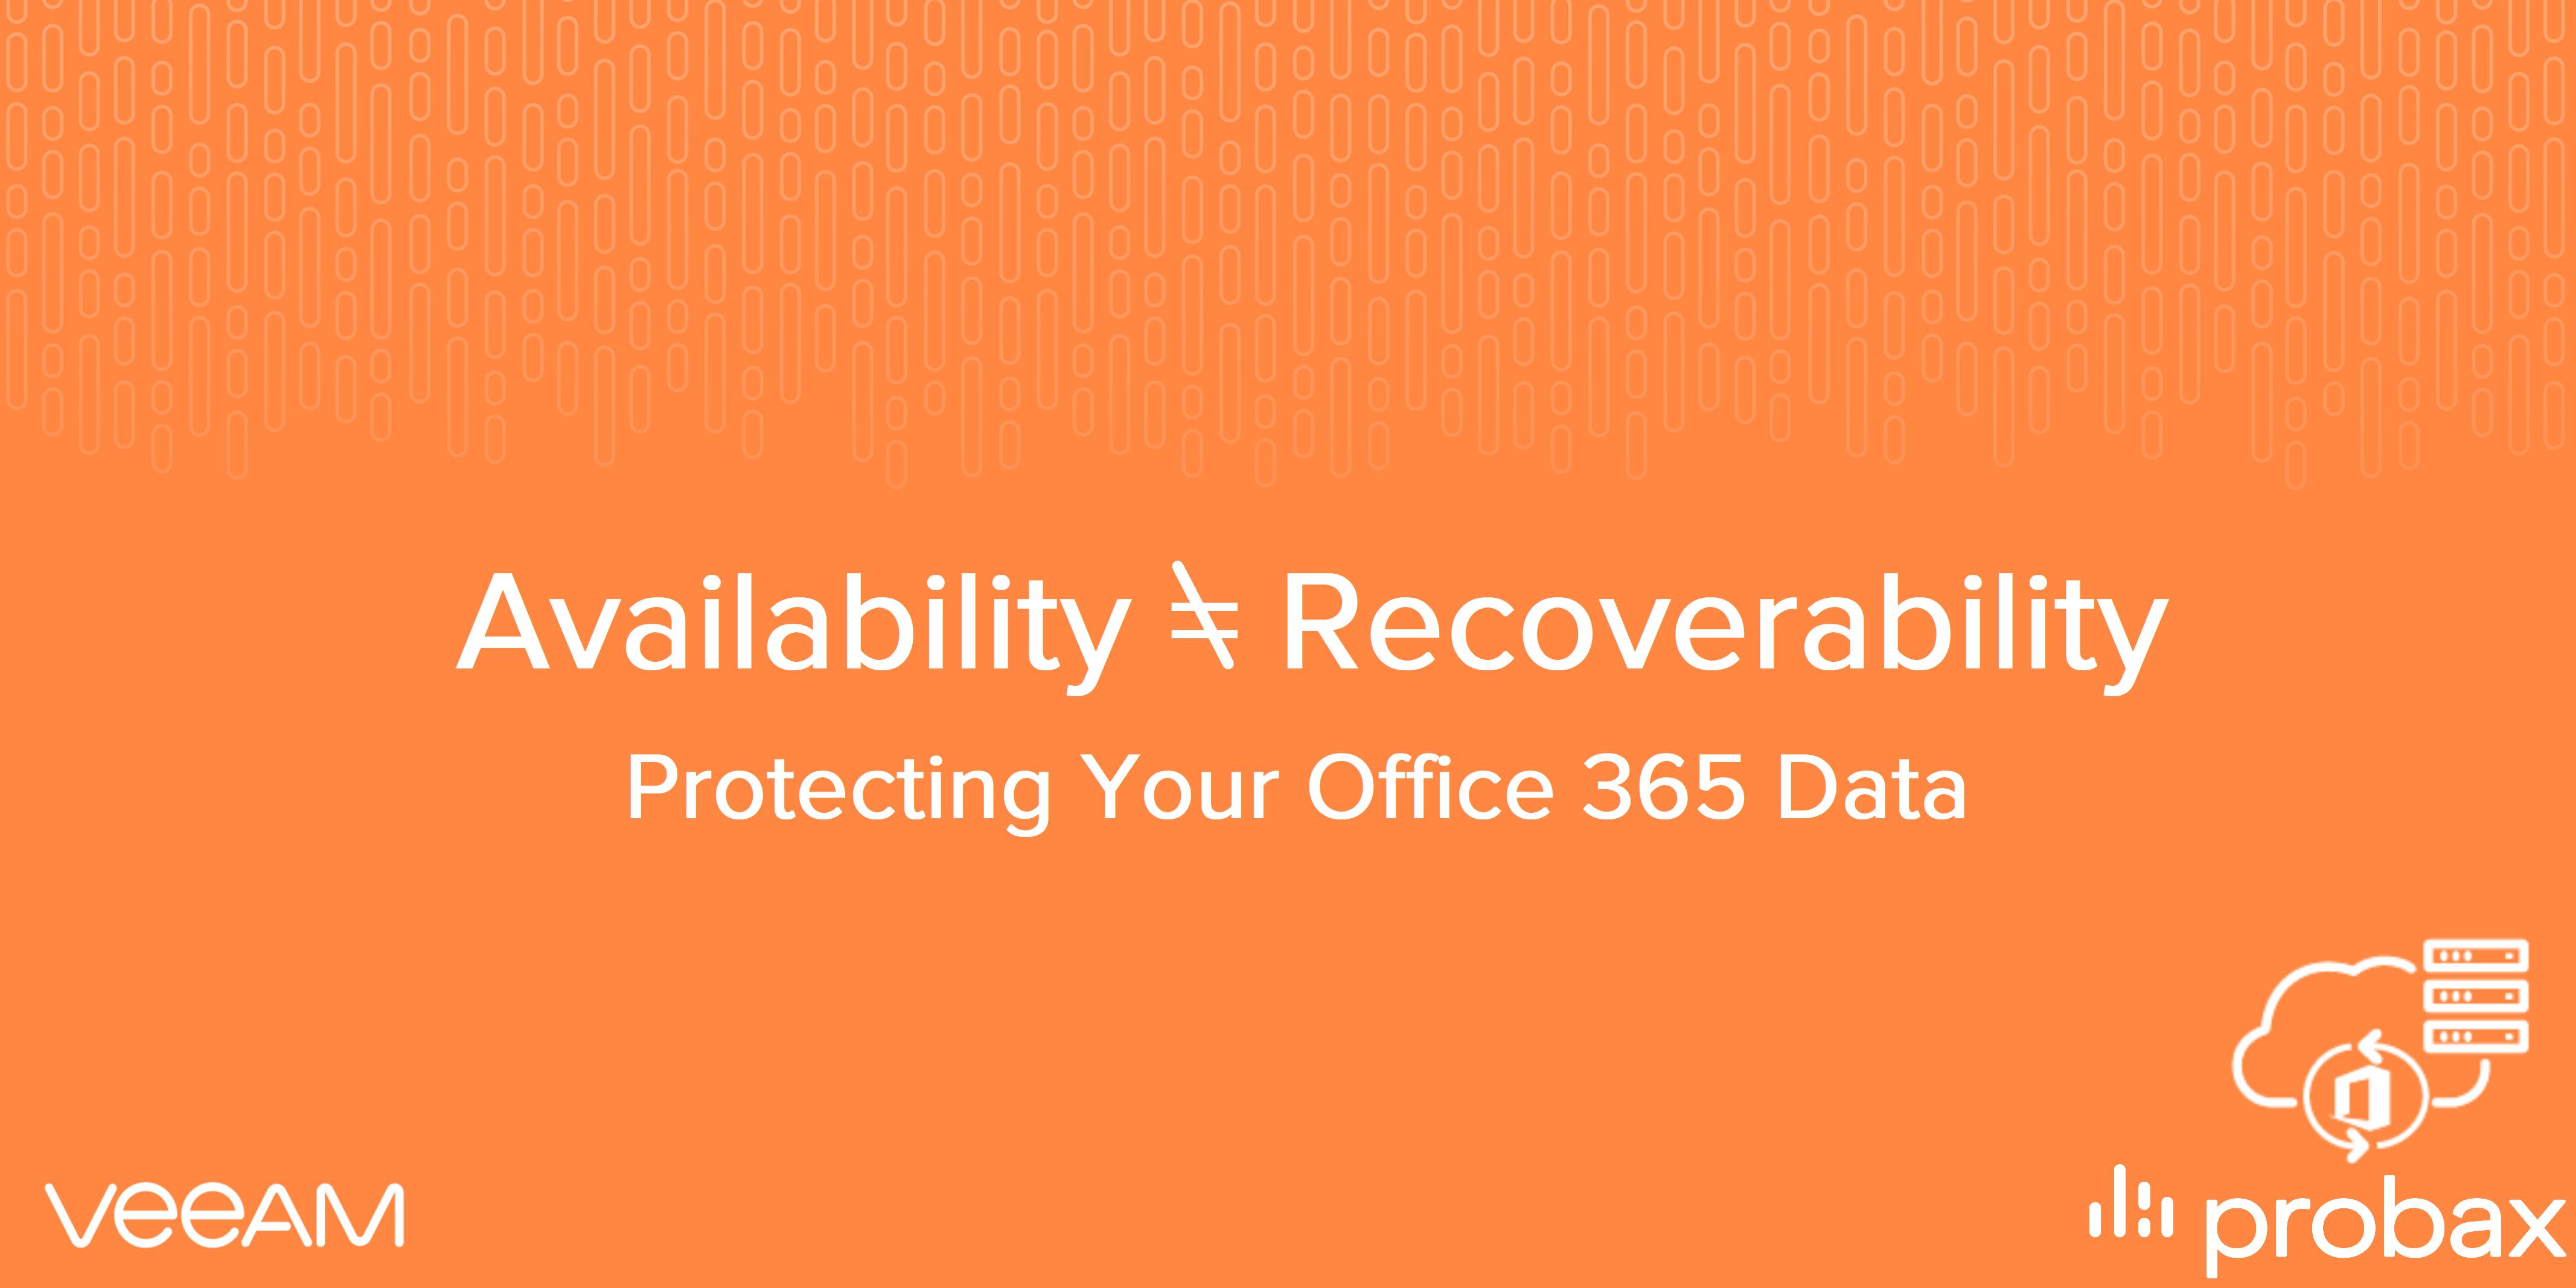 o365 availability recovery3